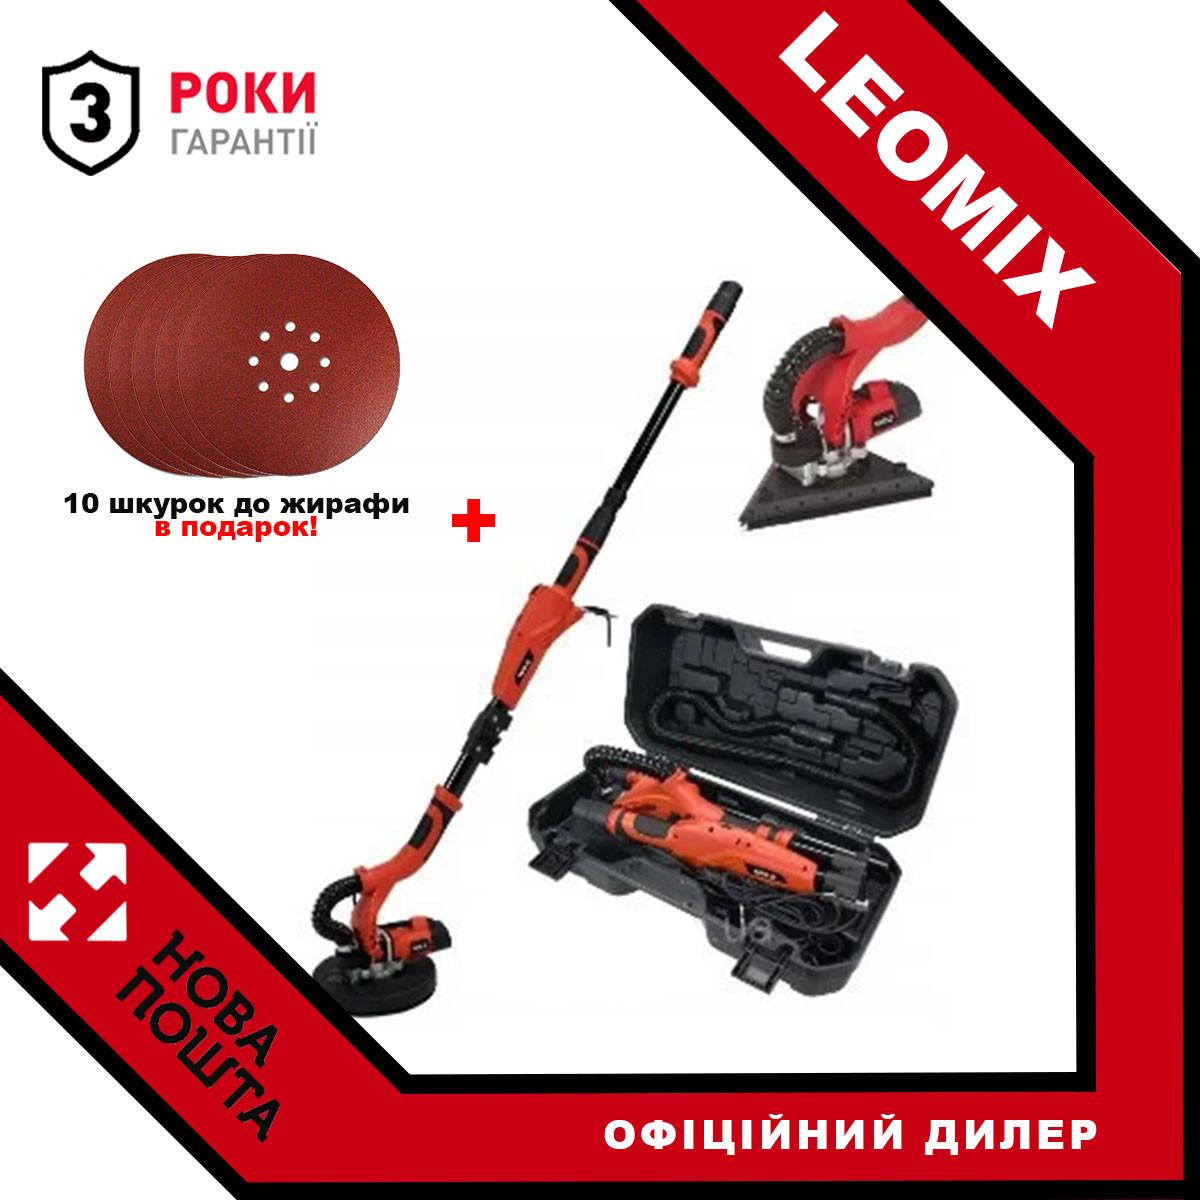 Шліфмашина для стін і стель Leomix LS-225LT з кутовій і круглій підошвою + в подарунок 10 шкурок до жирафи!